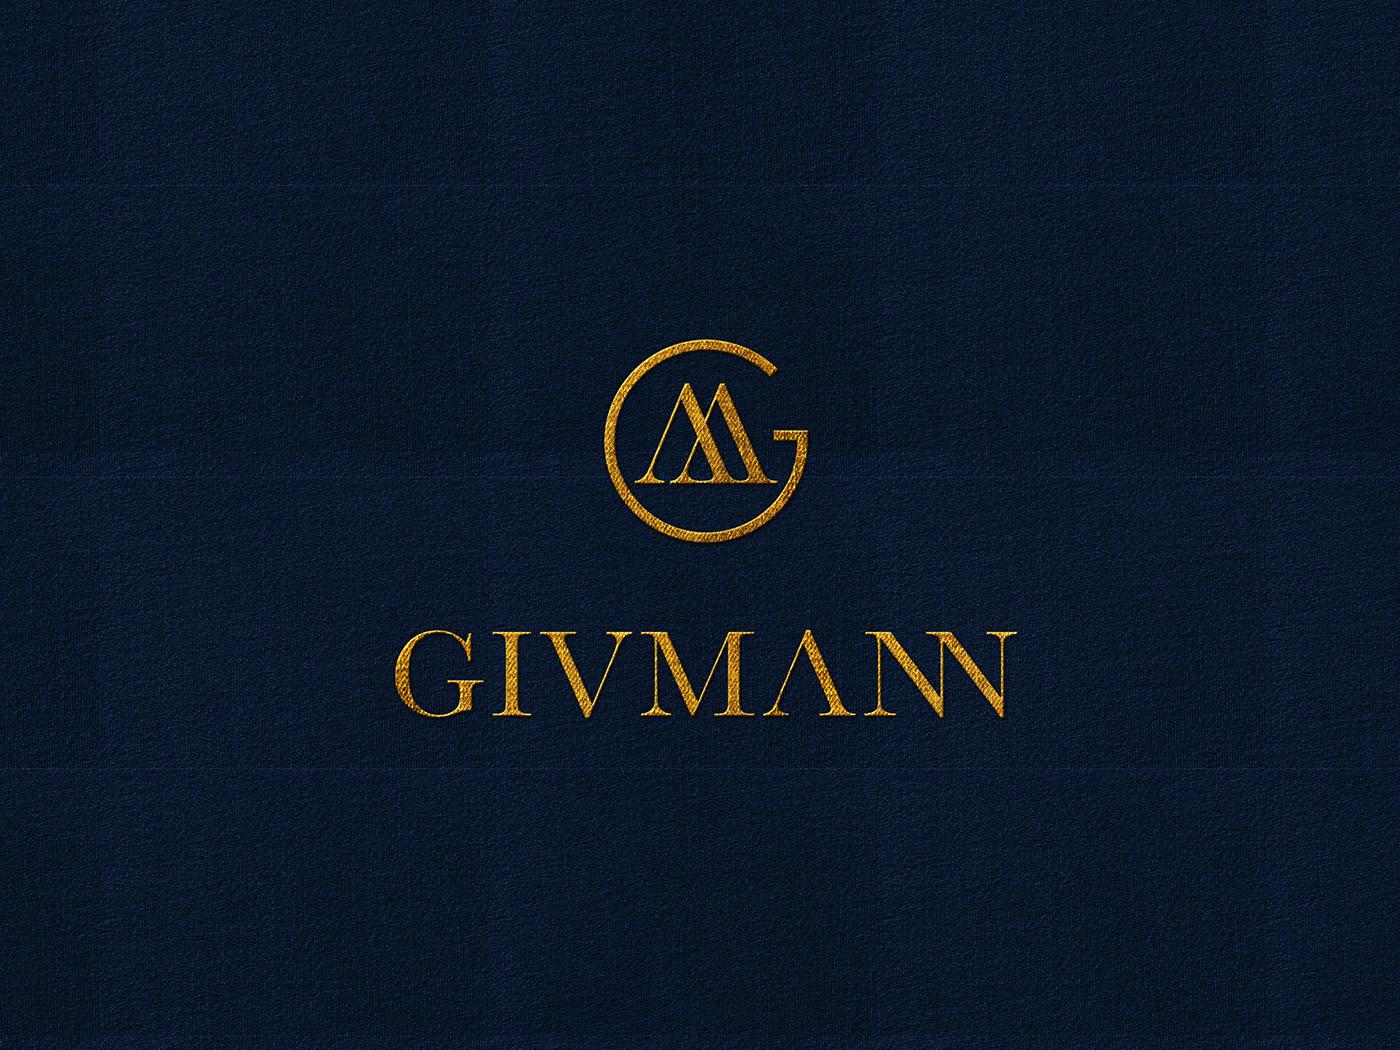 Image may contain: logo, symbol and trademark